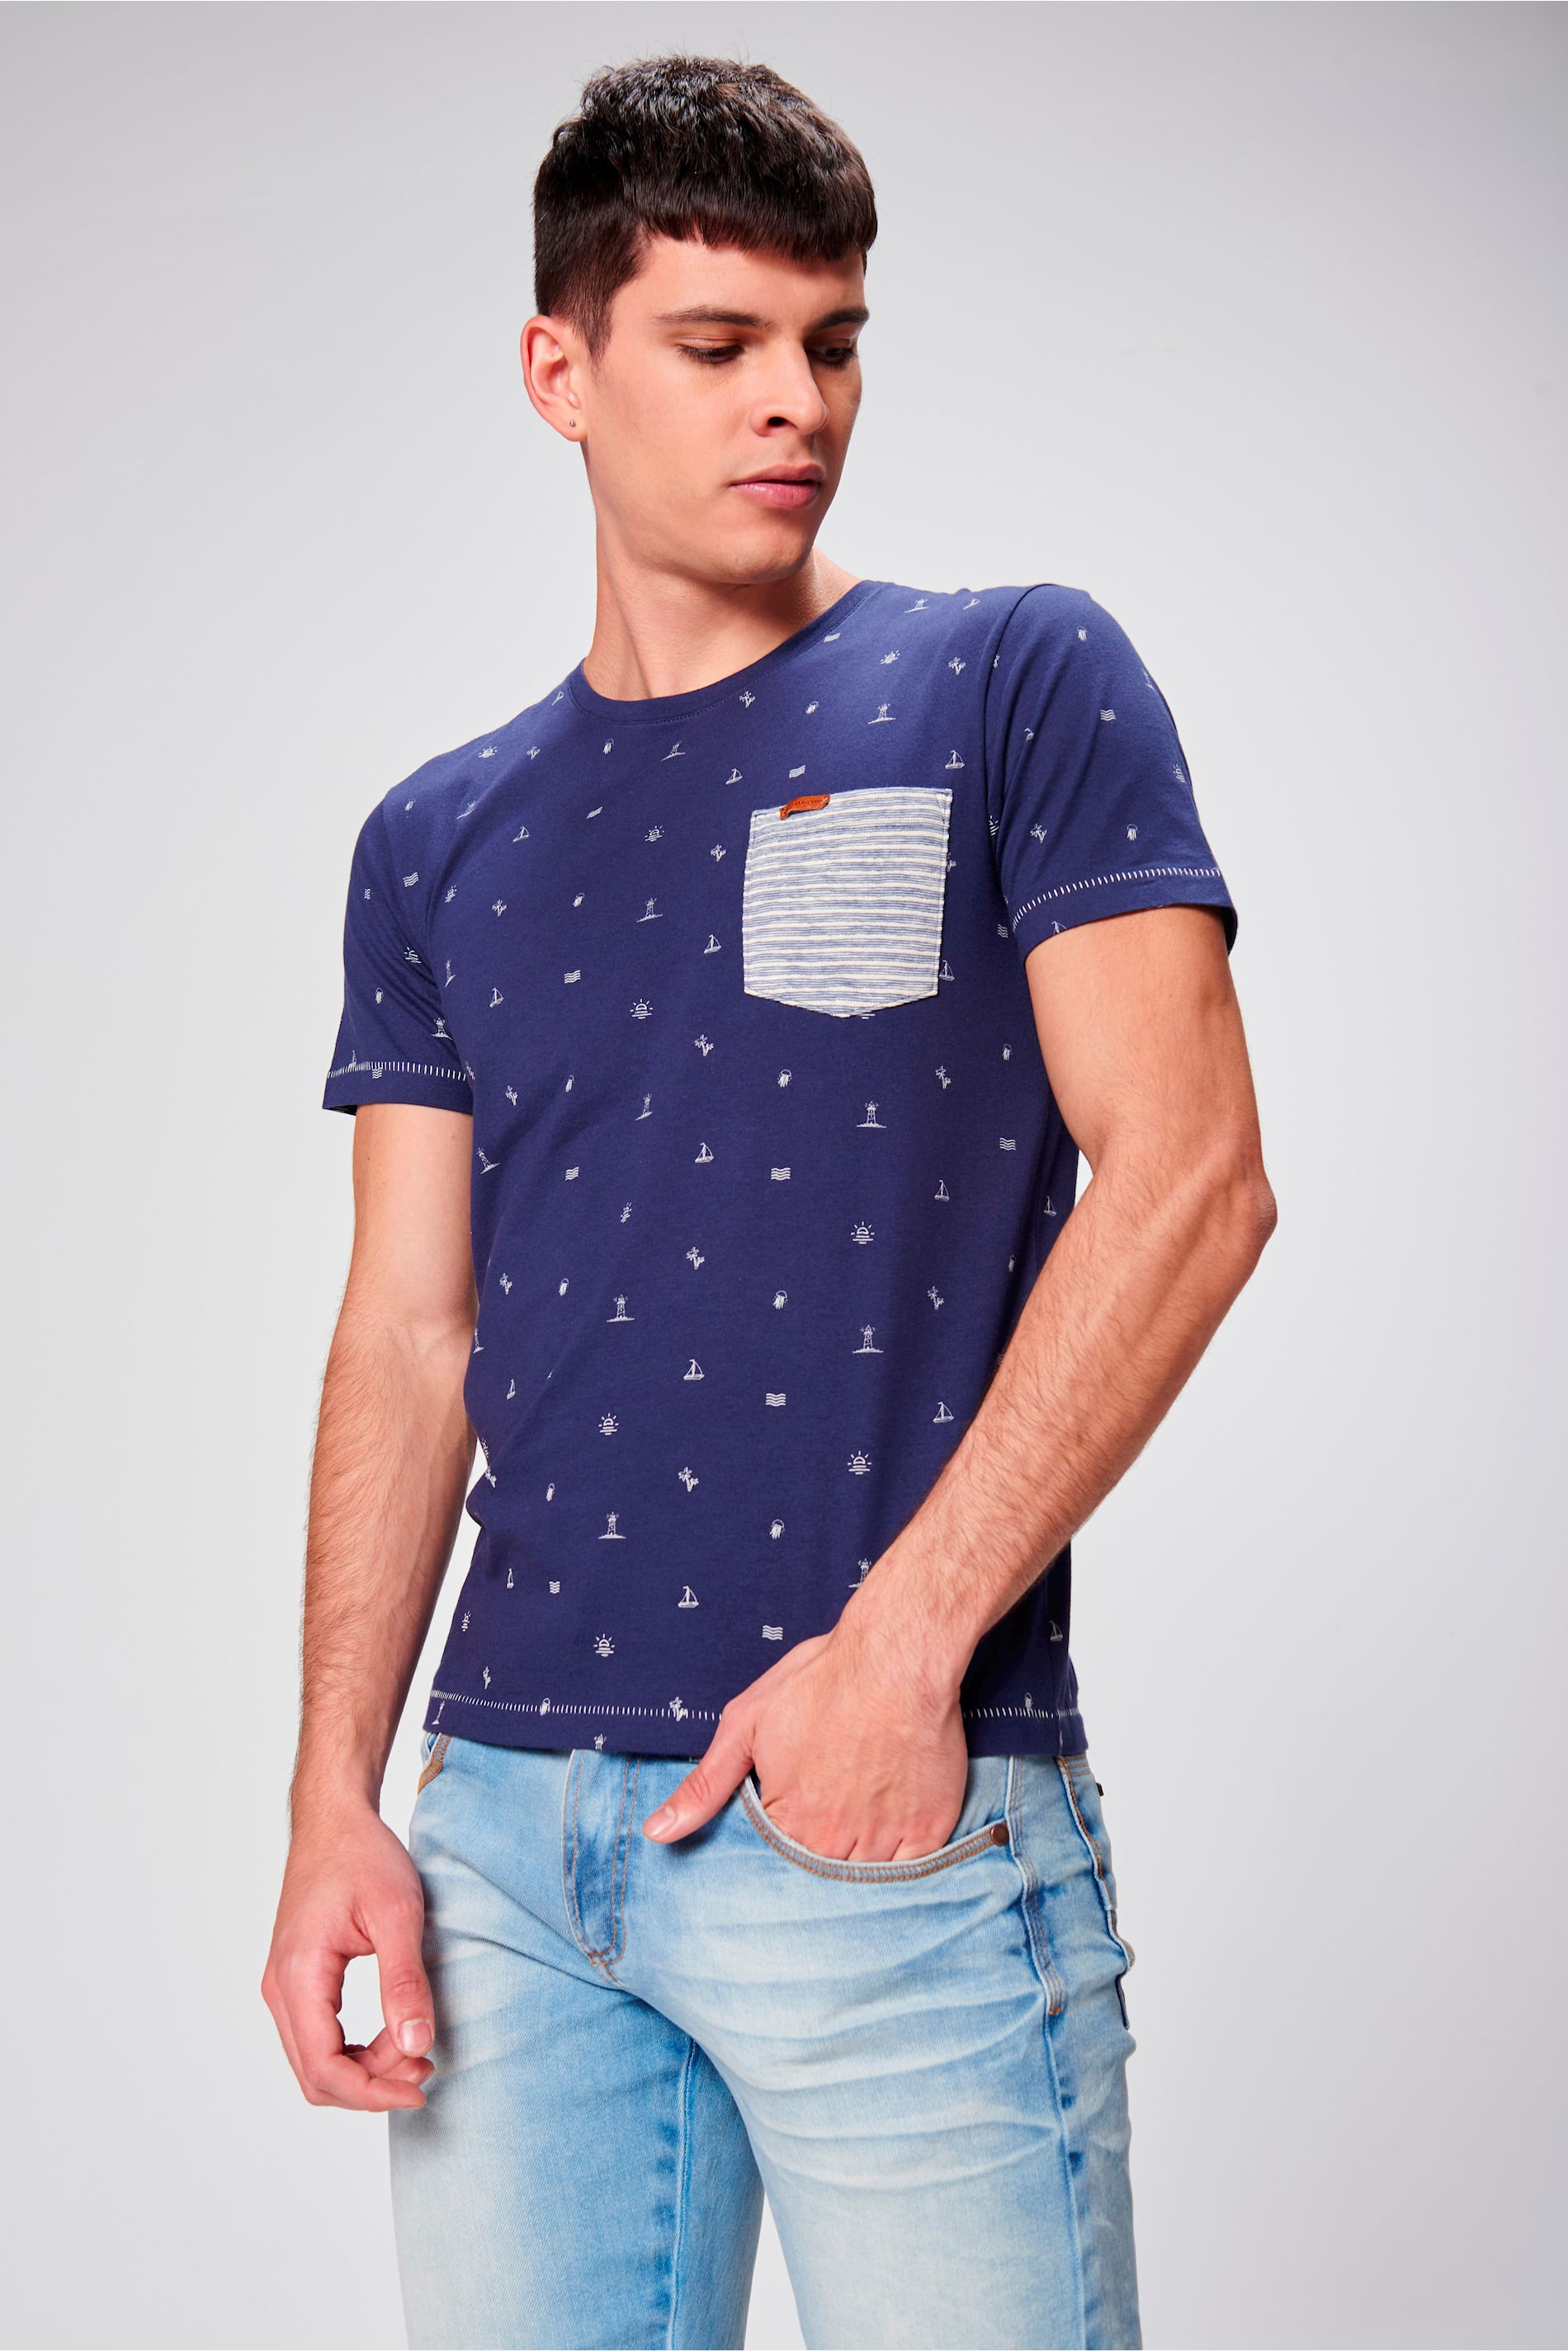 Camiseta Estampada com Bolso Masculina - Damyller 8653150e912